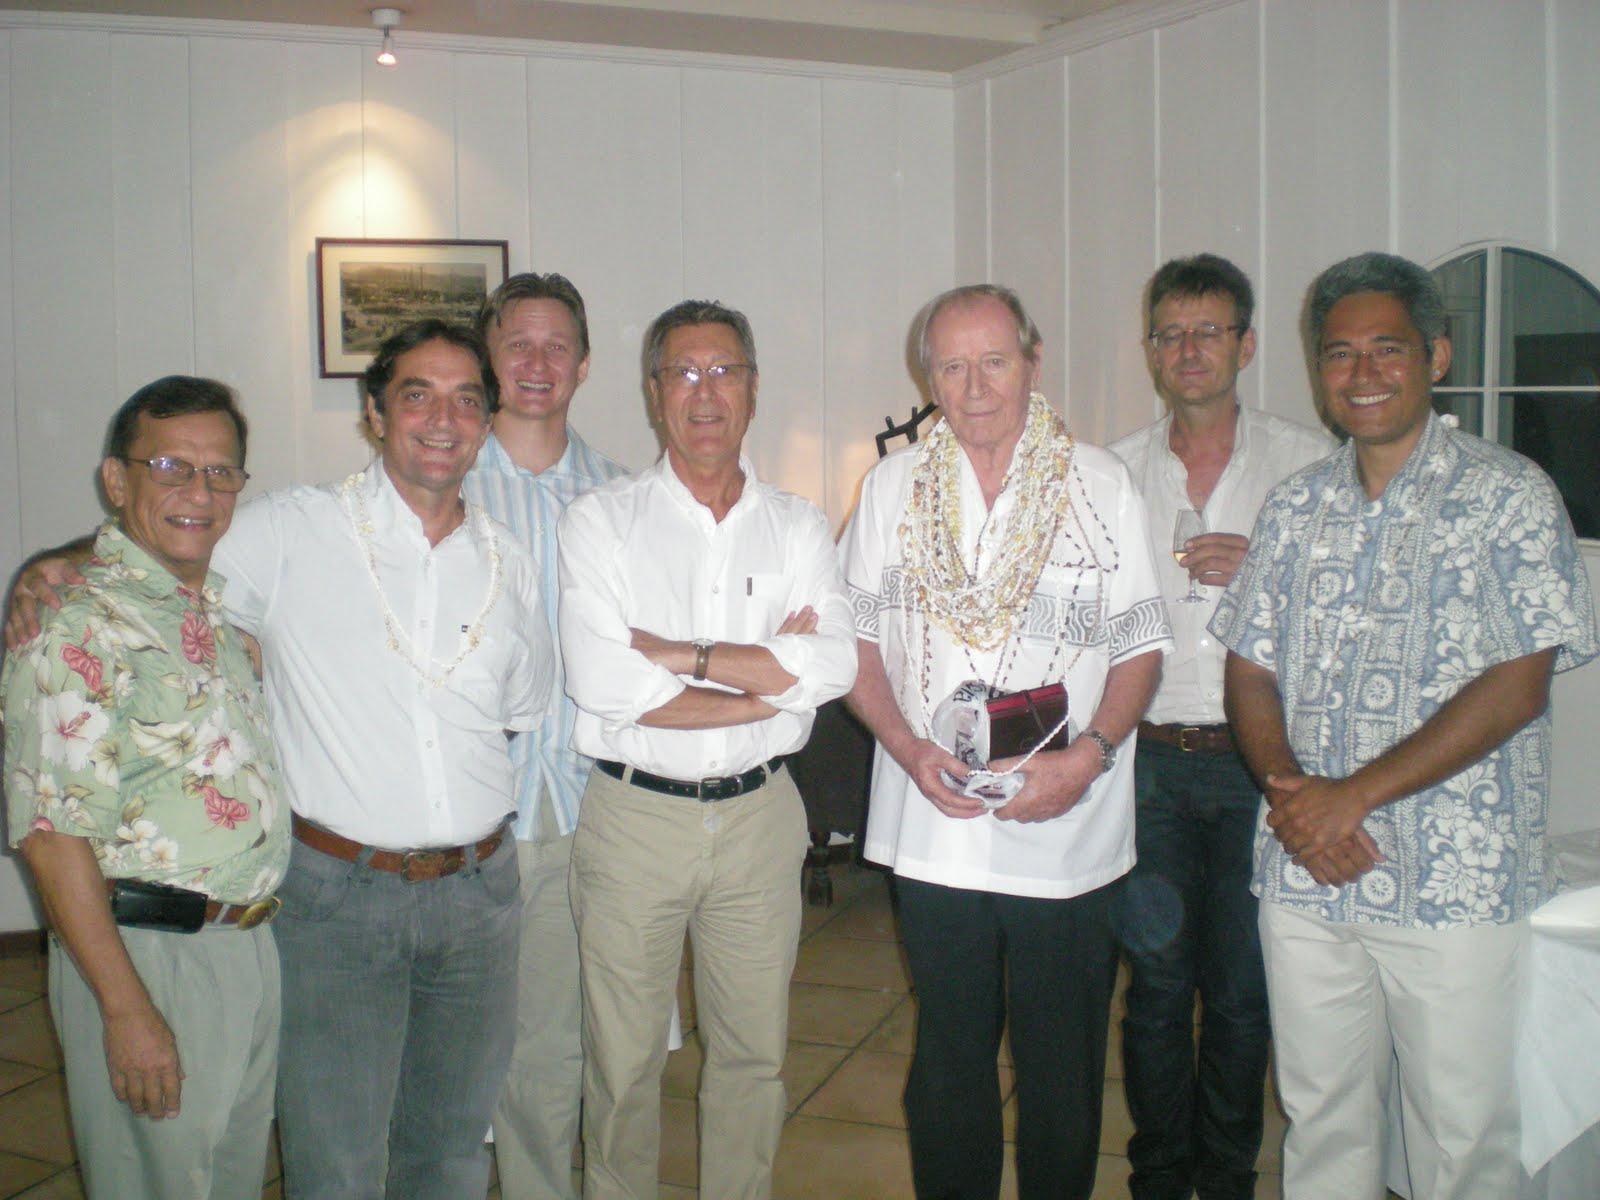 Jean Pérès (cinquième en partant de la gauche) en 2010 lors d'un cocktail de l'association des juristes de Polynésie.